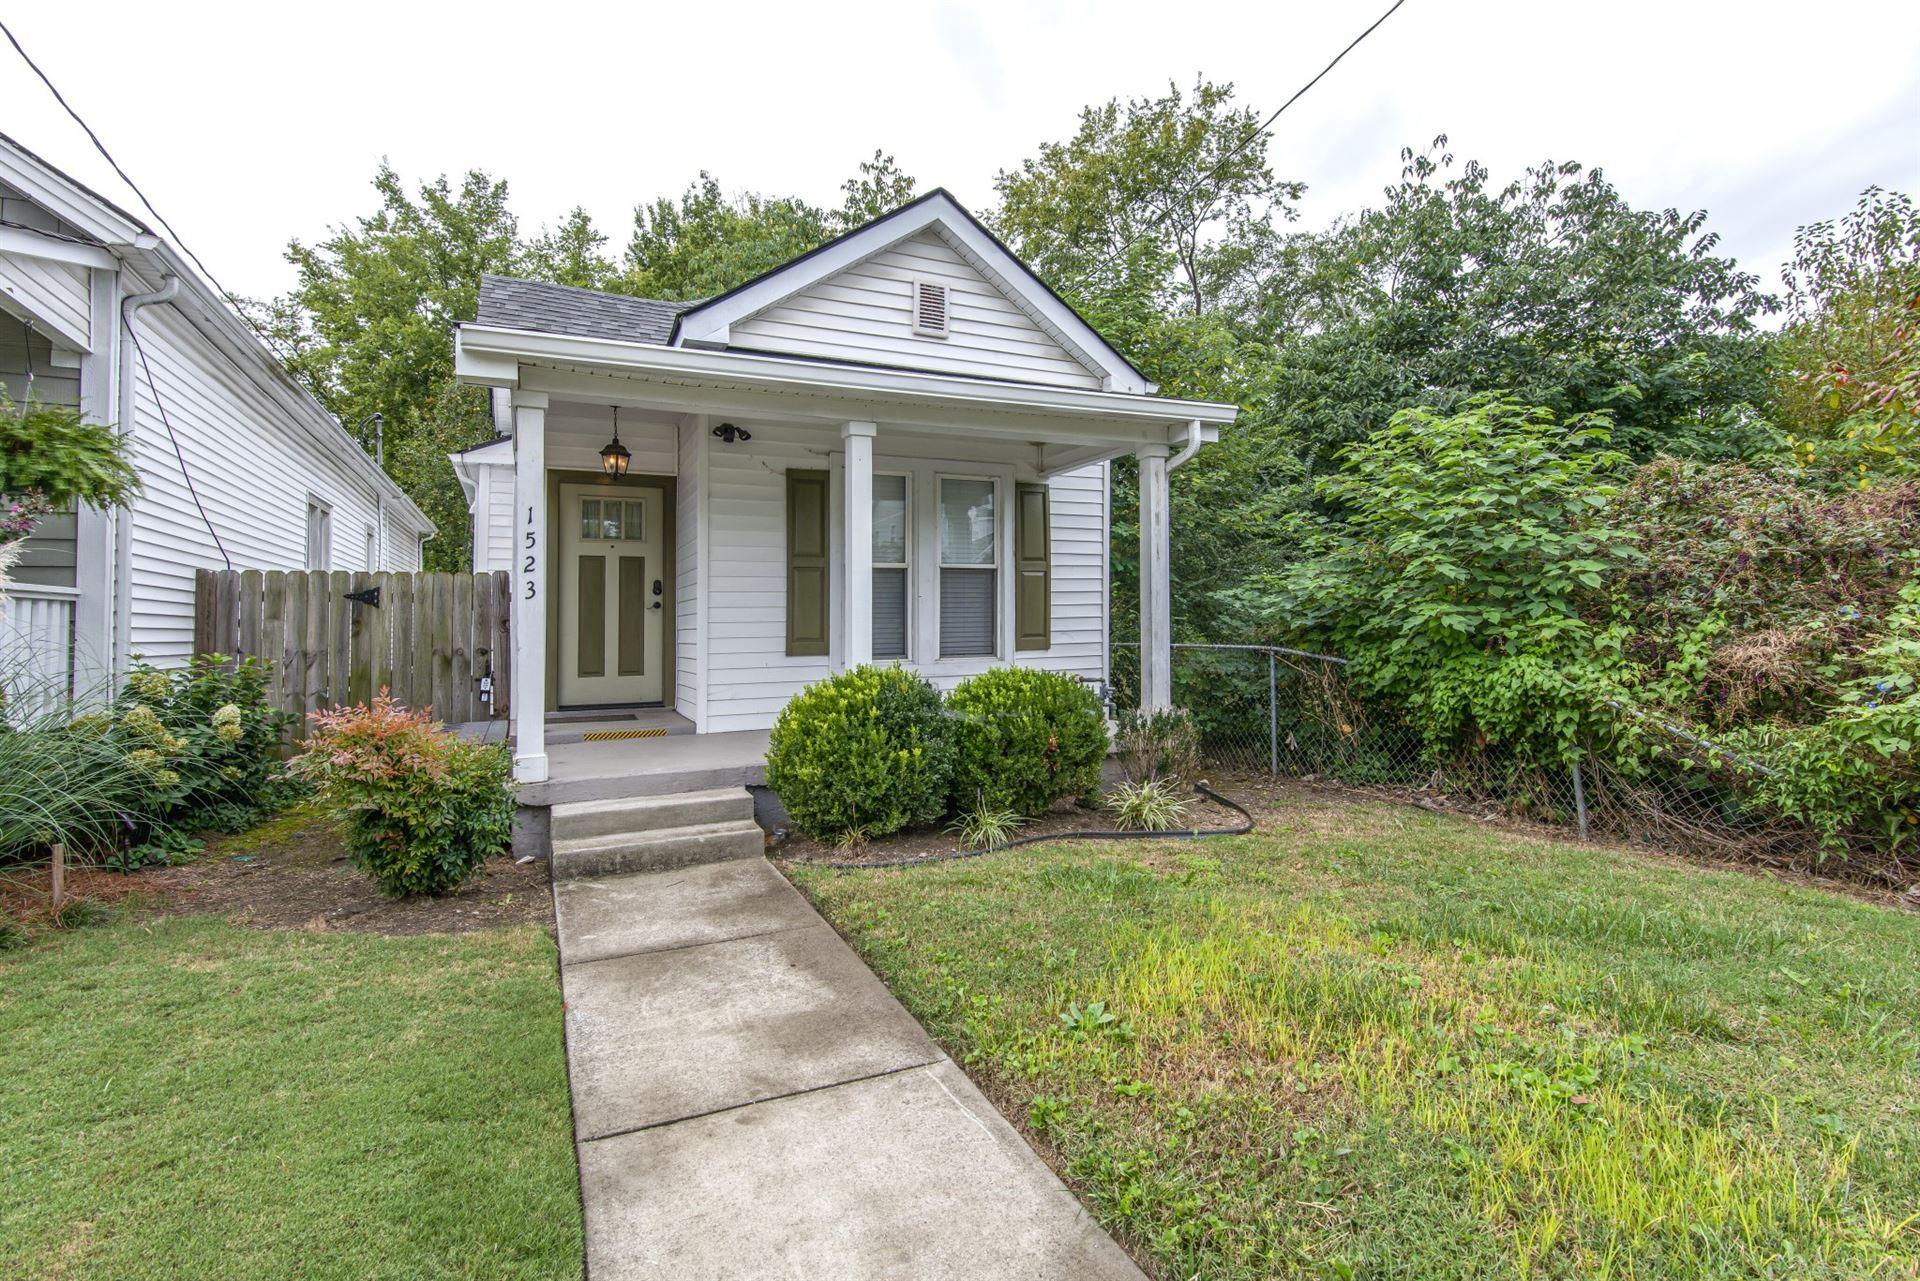 Photo of 1523 Arthur Ave, Nashville, TN 37208 (MLS # 2193165)